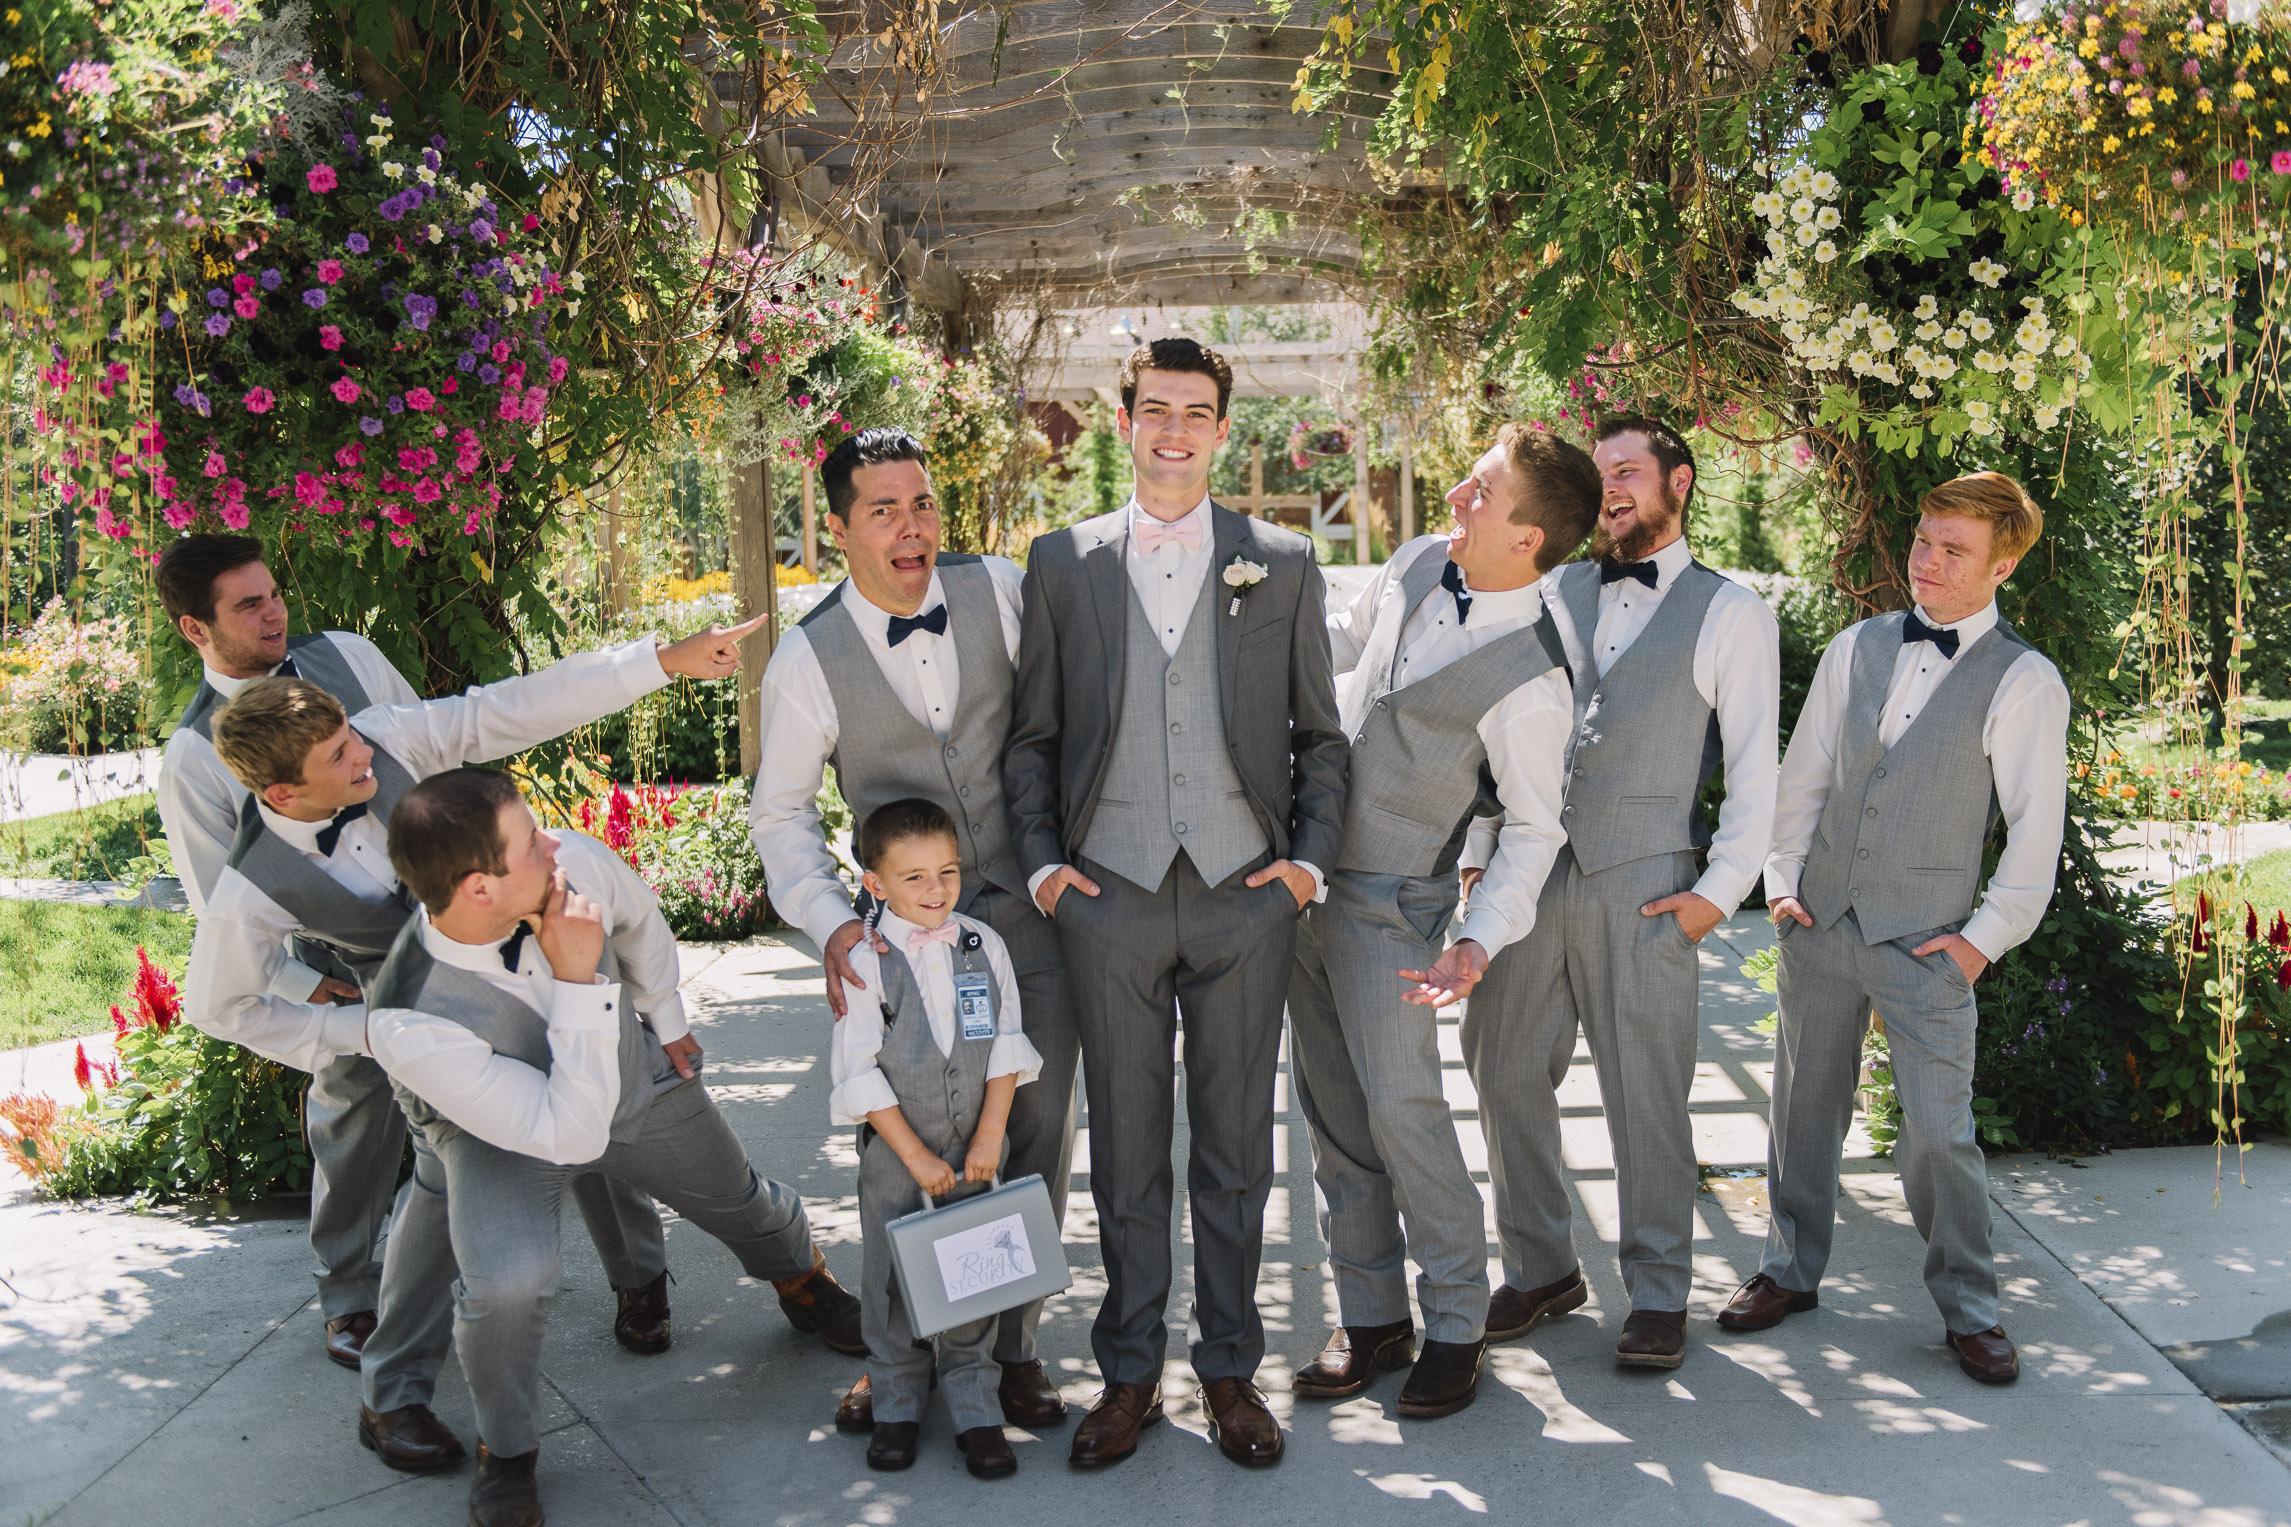 web sized images -- no to print --CALVIN & MCKYLEY WEDDING PHOTOS - COLORADO PHOTOGRAPHER - DEBI RAE PHOTOGRAPHY-227.jpg